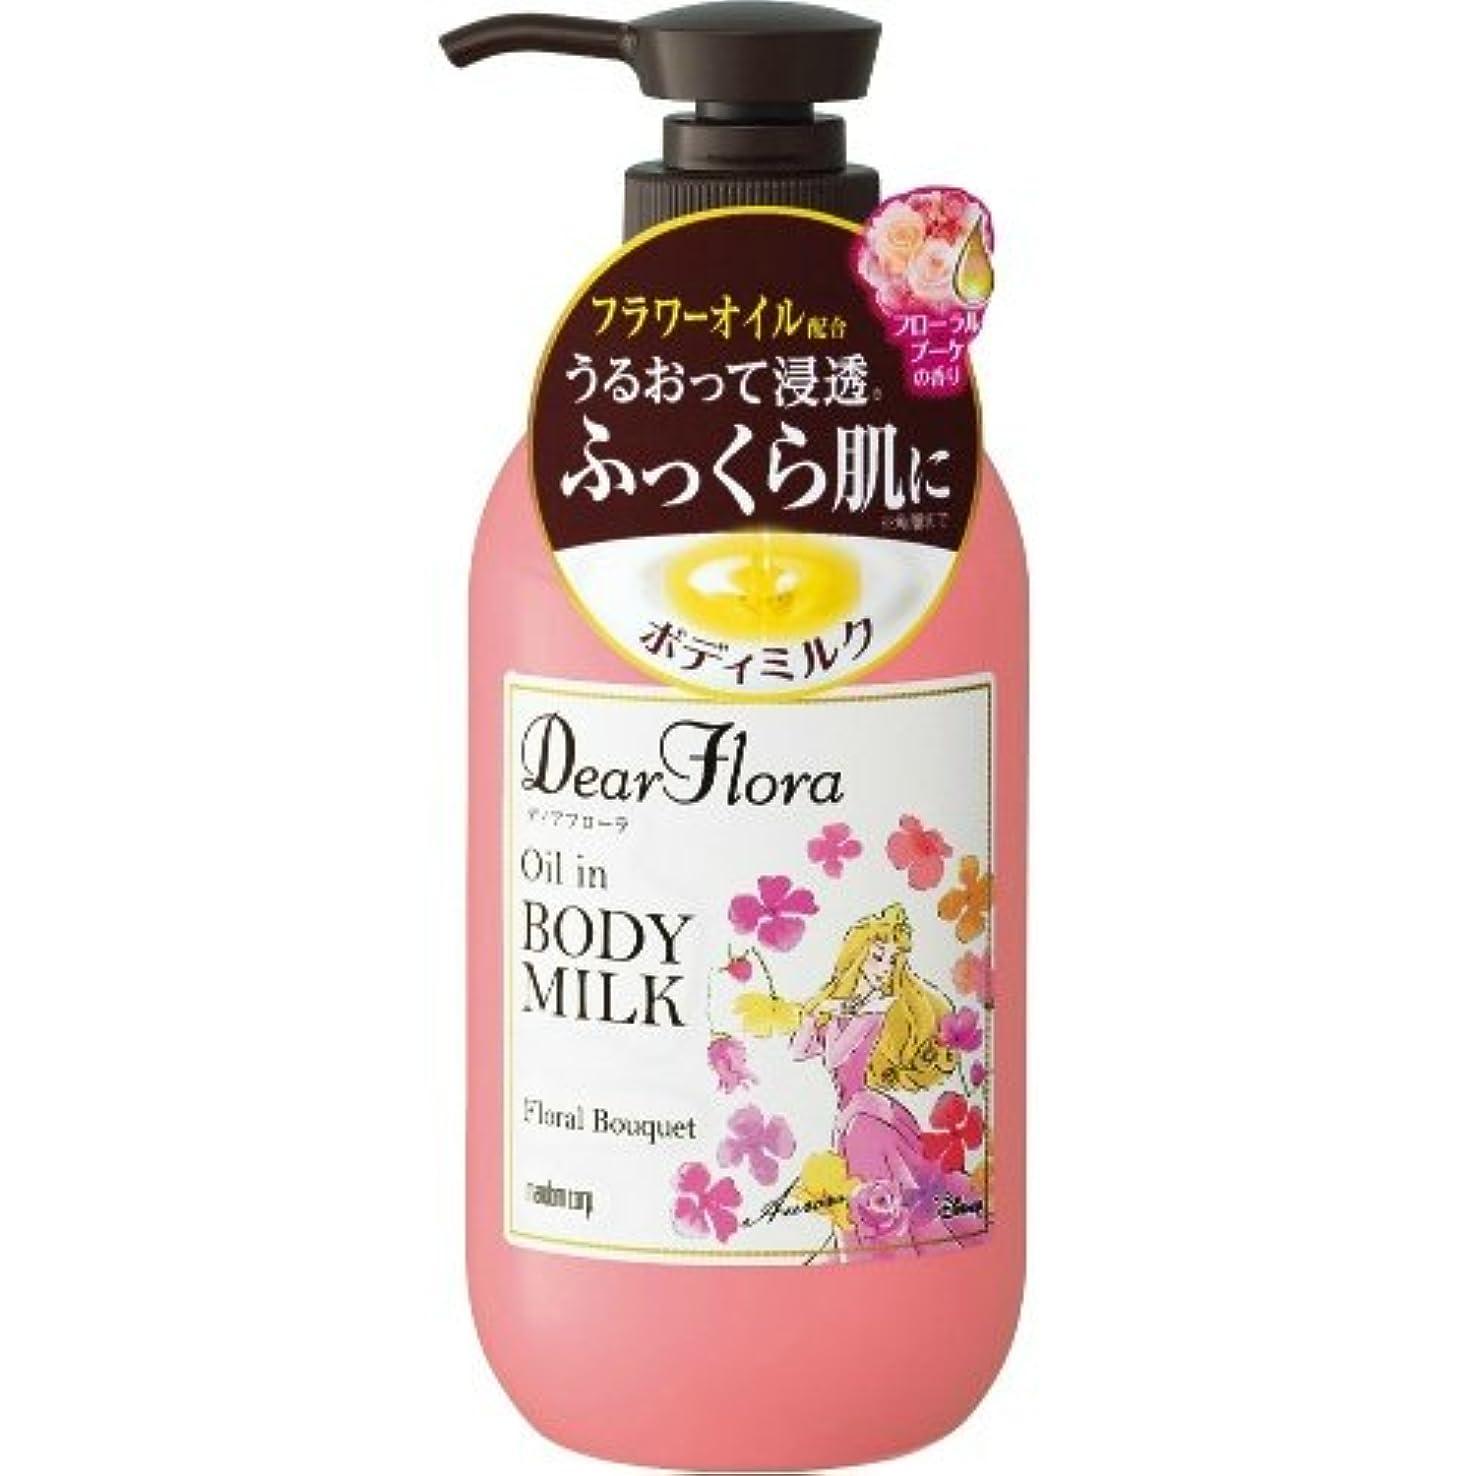 創傷寛解ルートMANDOM マンダム ディアフローラ オイルインボディミルク フローラルブーケの香り 240ml ×024点セット(4902806105414)